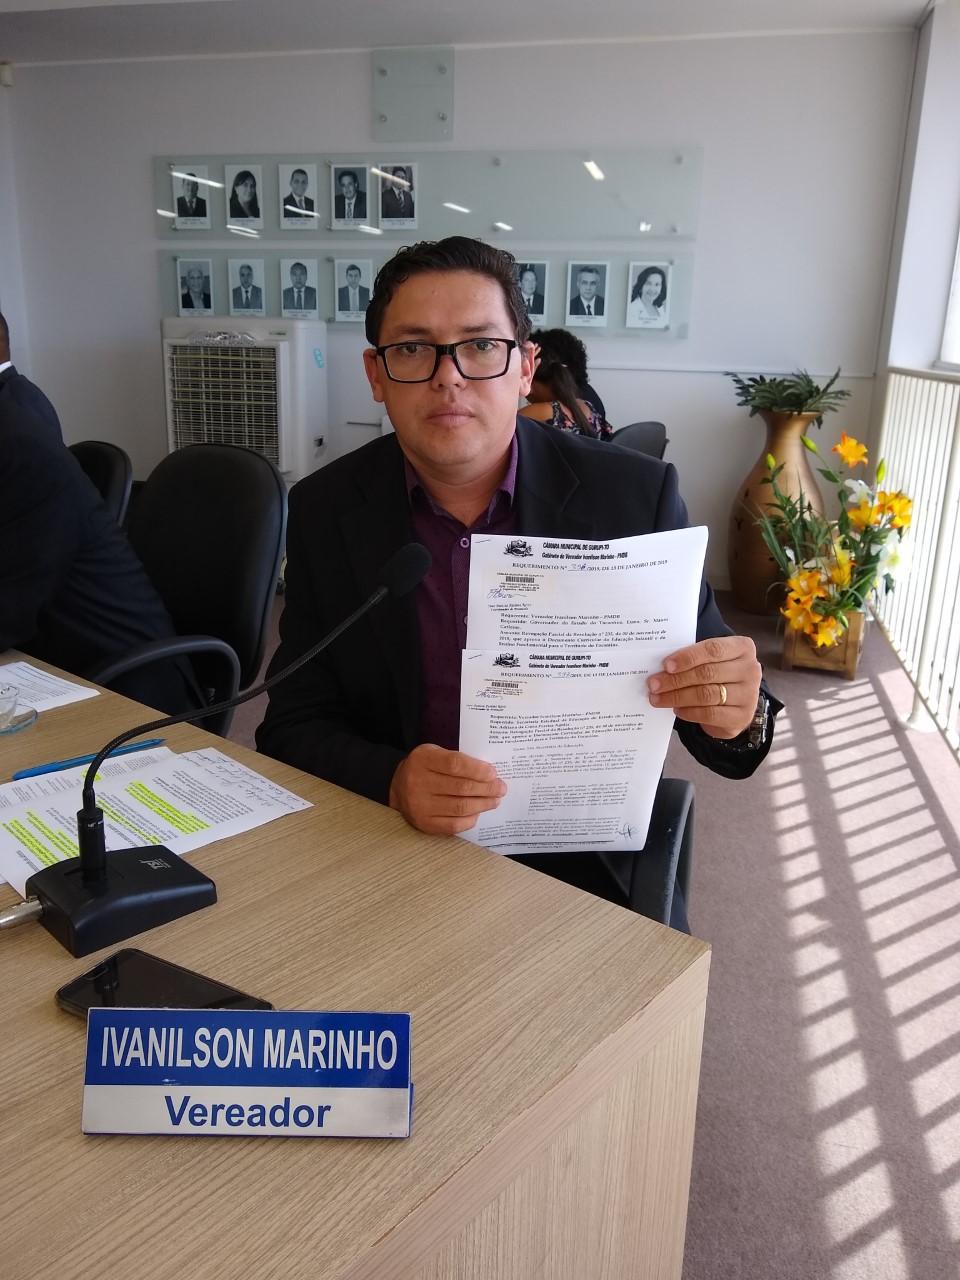 Ivanilson Marinho pede revogação parcial da resolução 235 que inclui ensino identidade de gênero nas escolas do Tocantins